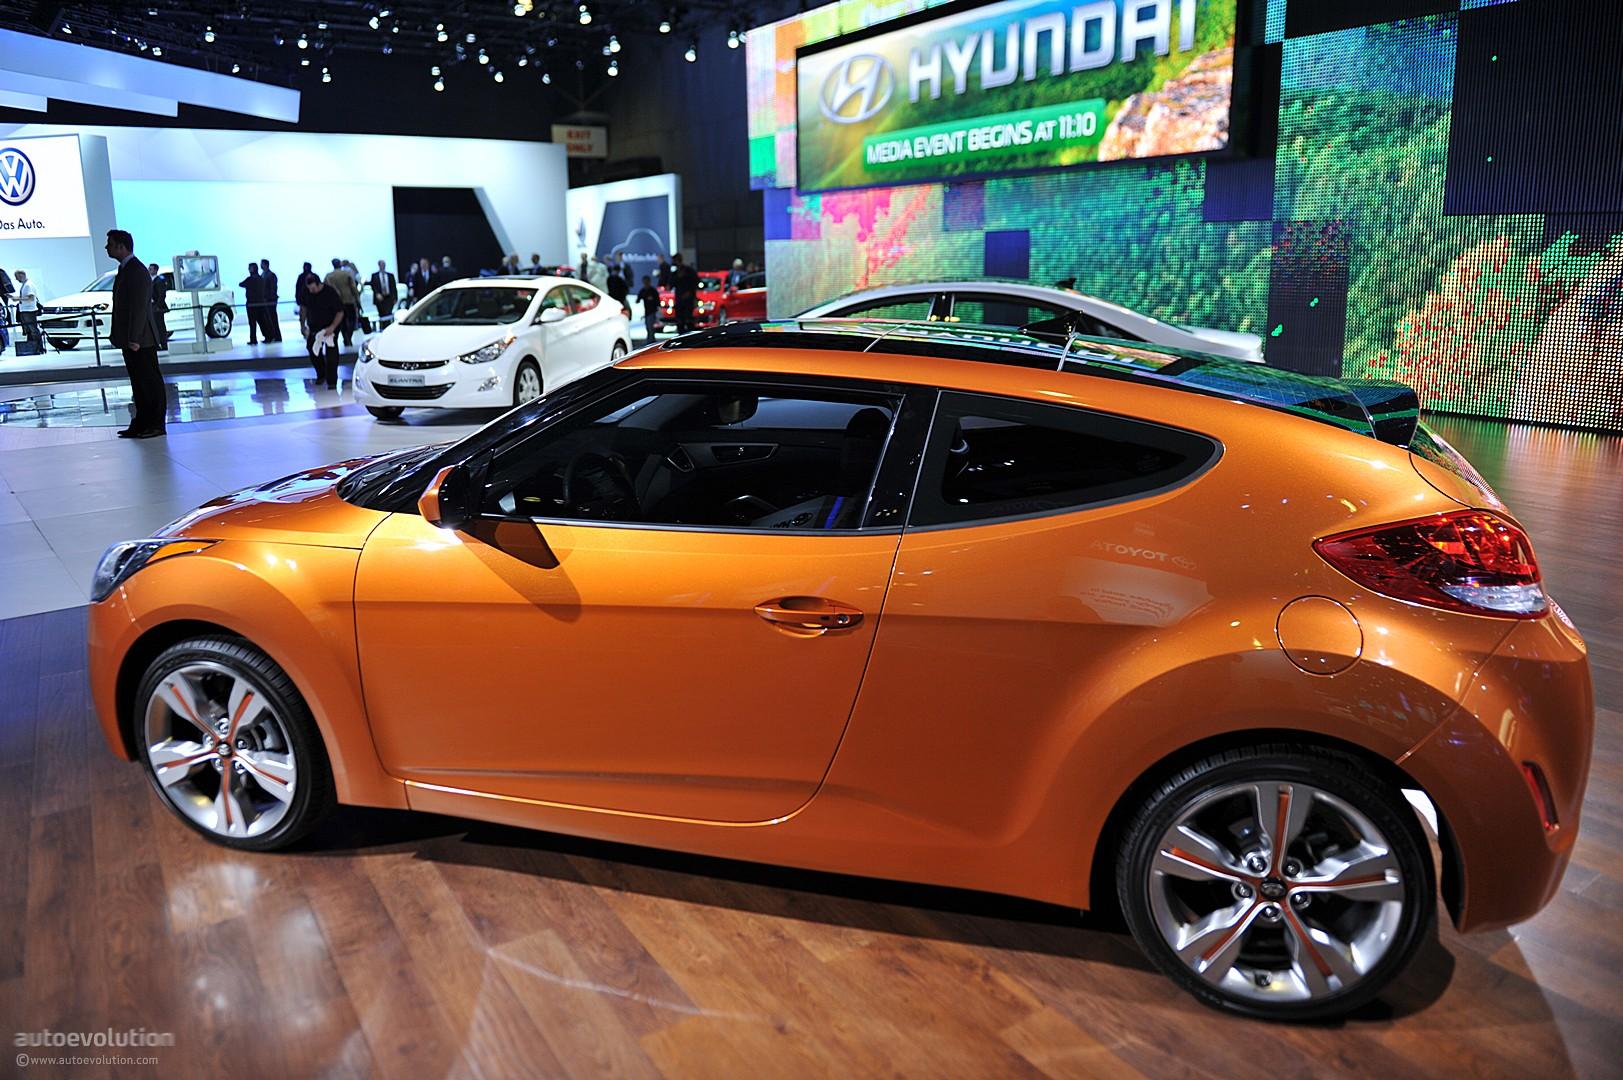 NYIAS 2011: Hyundai Veloster [Live Photos] - autoevolution